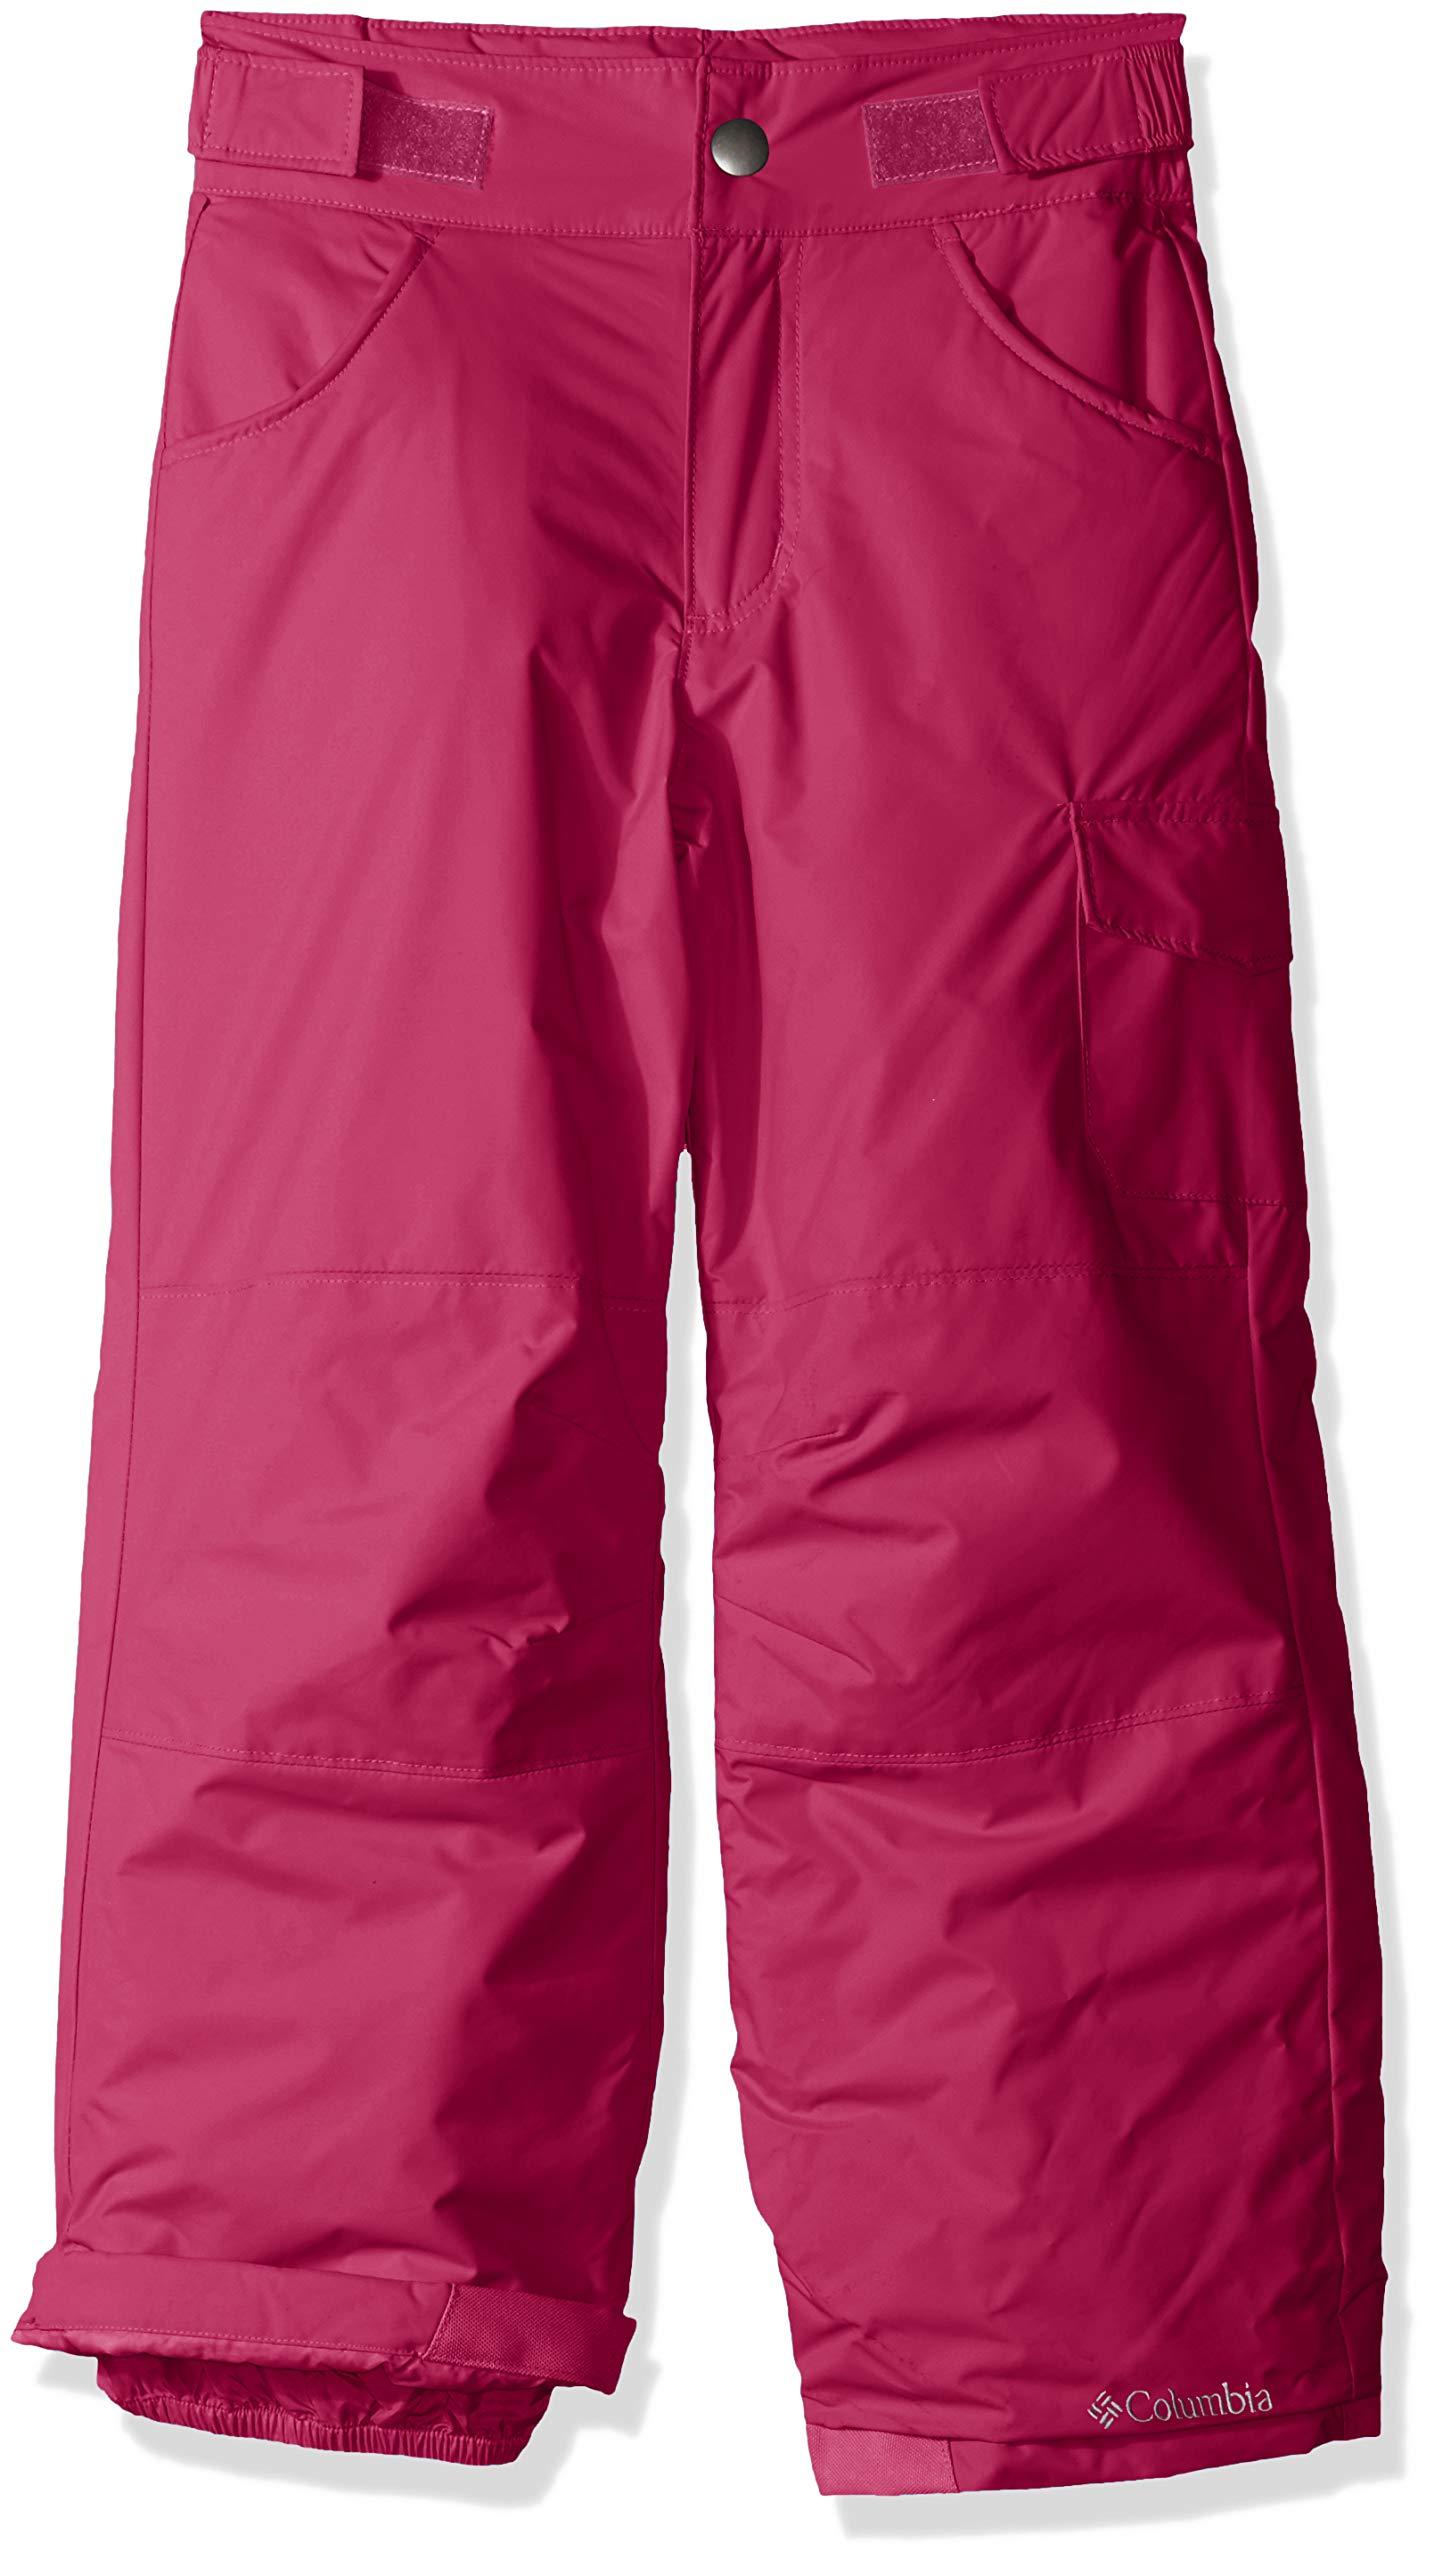 Columbia Wasserabweisende Skihose für Mädchen, Starchaser Peak II Pant, Nylon,